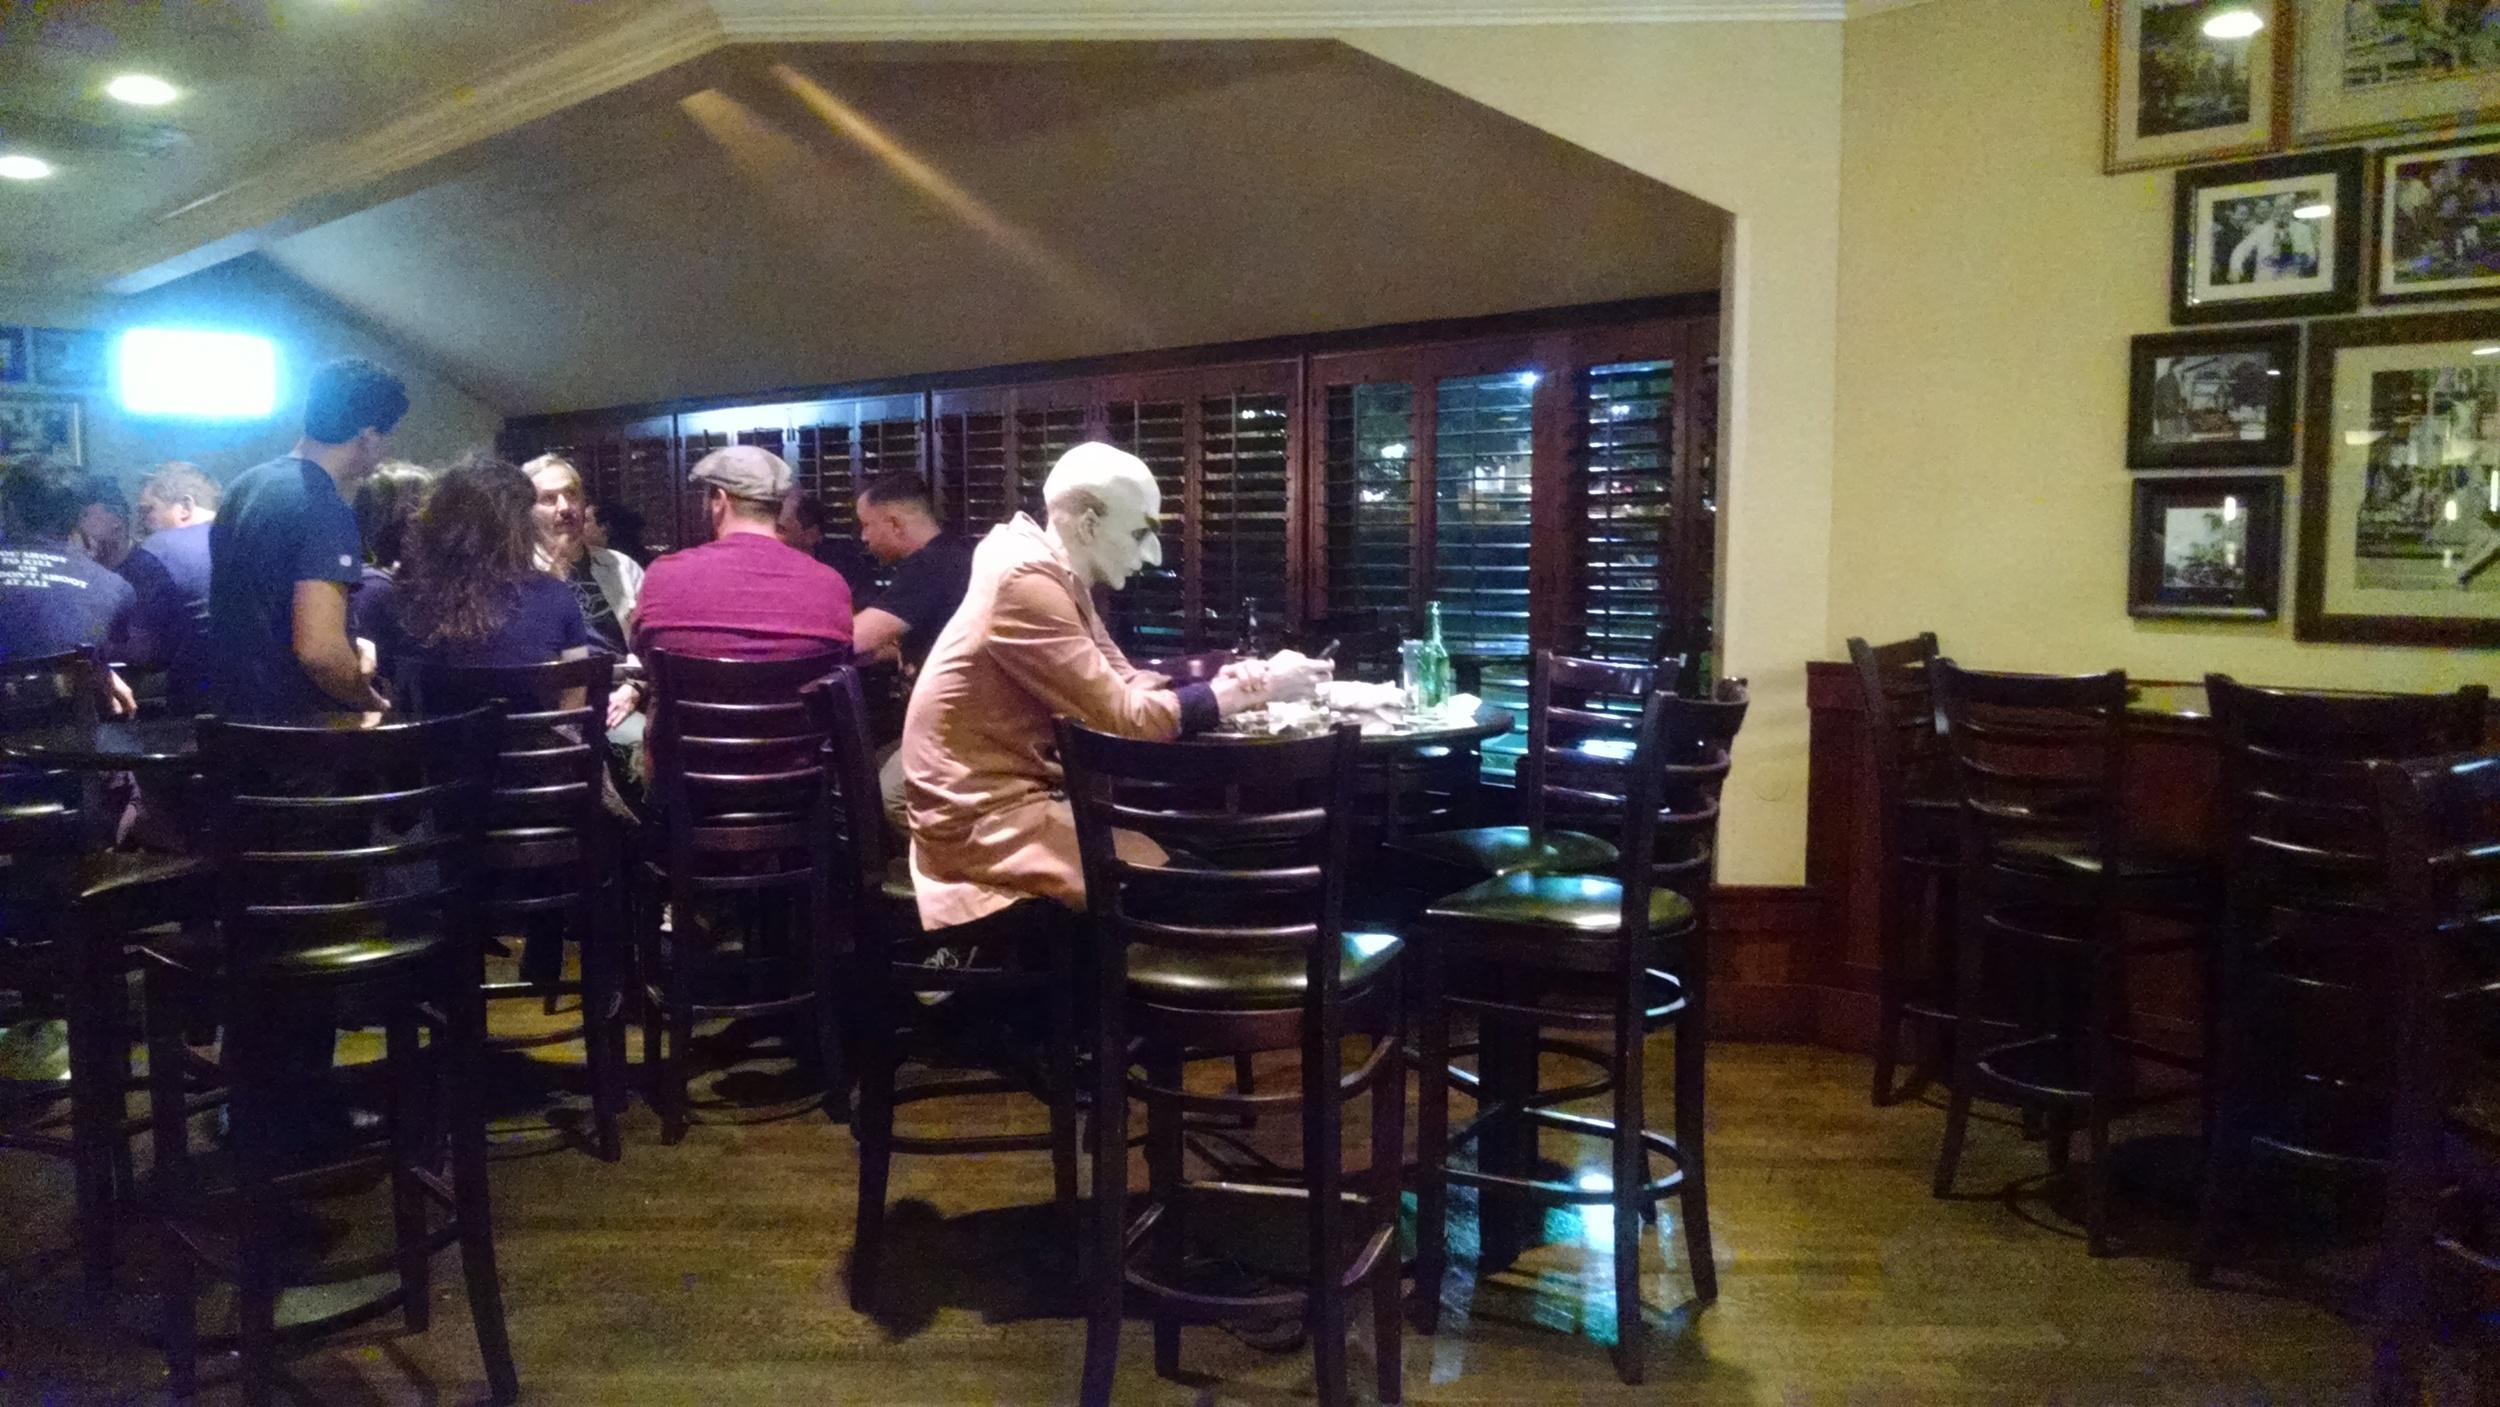 Nosferatu sits alone at the bar